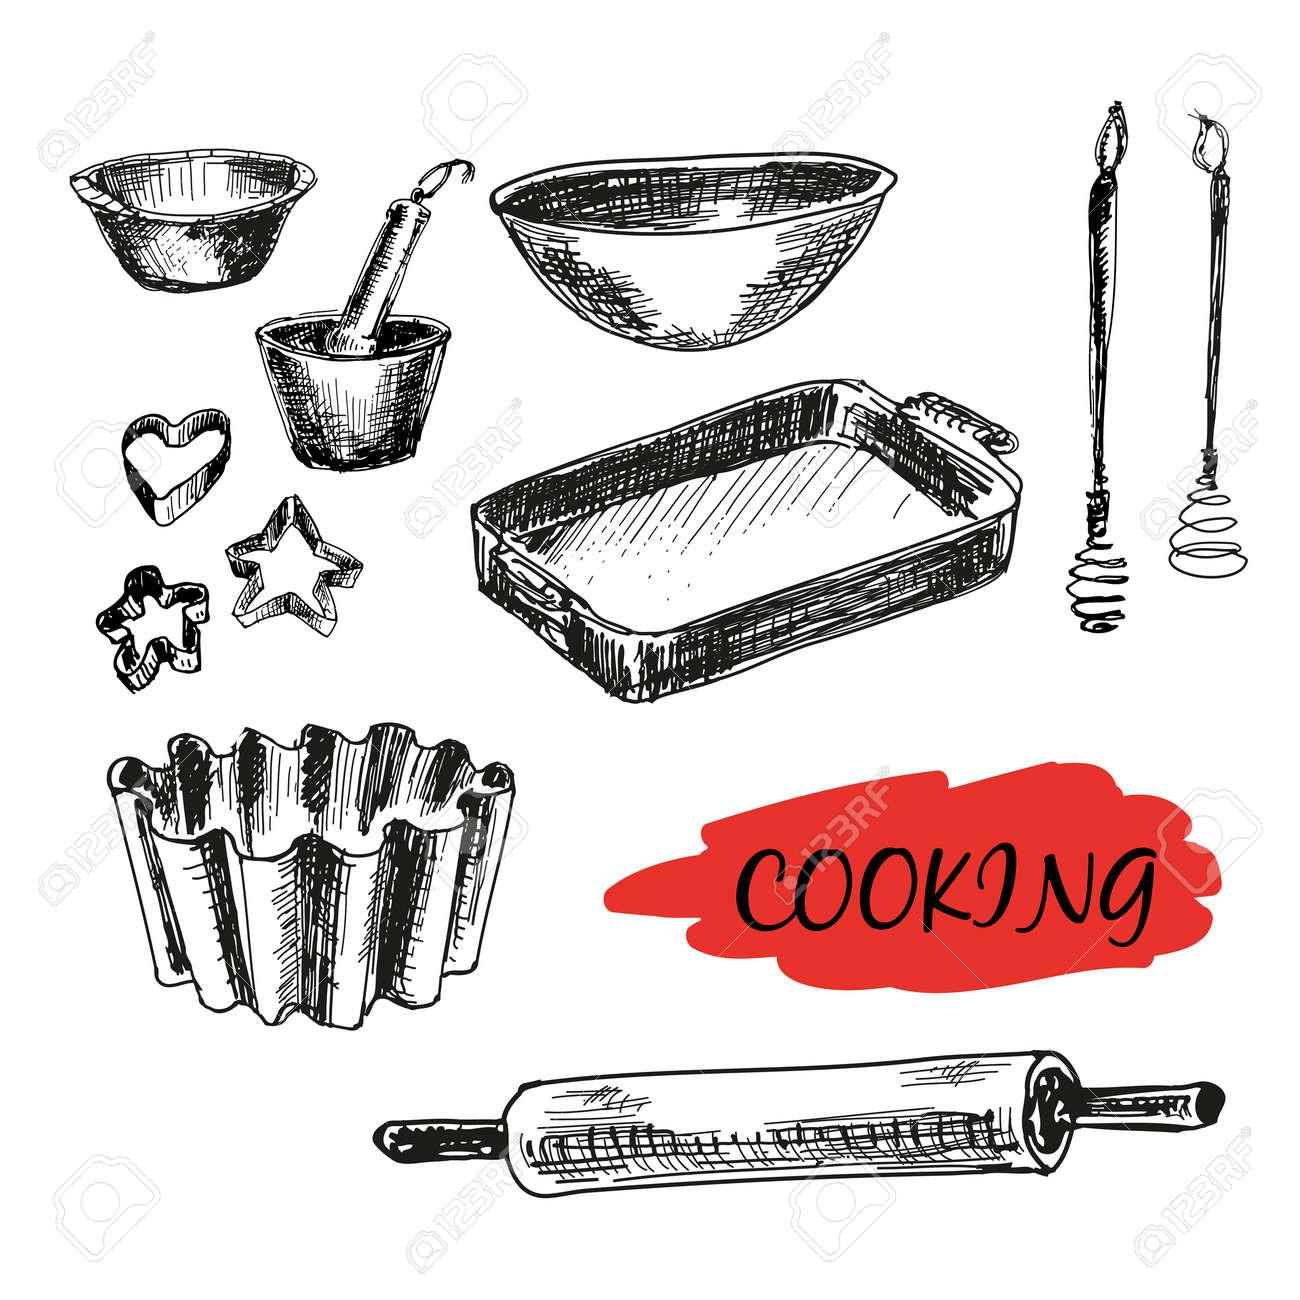 archivio fotografico set di utensili da cucina tutti cottura illustrazioni disegnate a mano